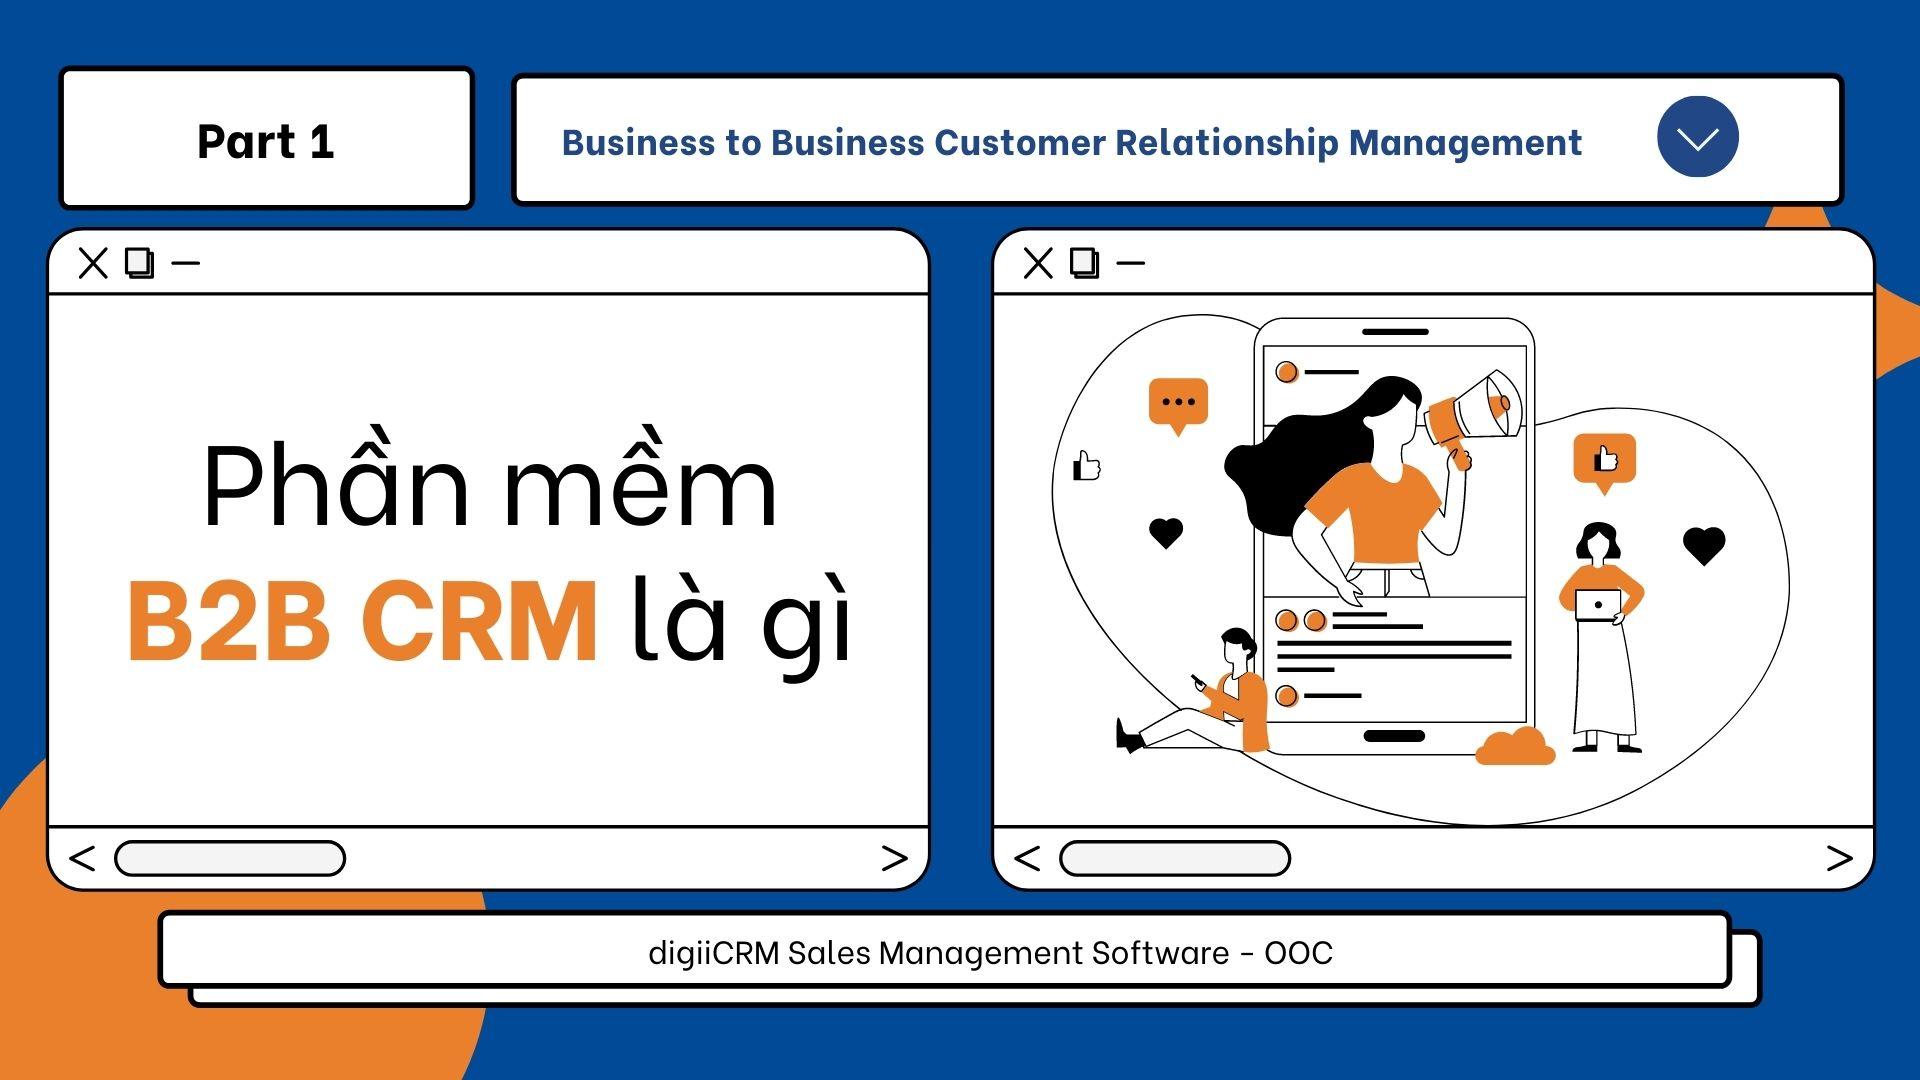 Phần mềm B2B CRM là gi?